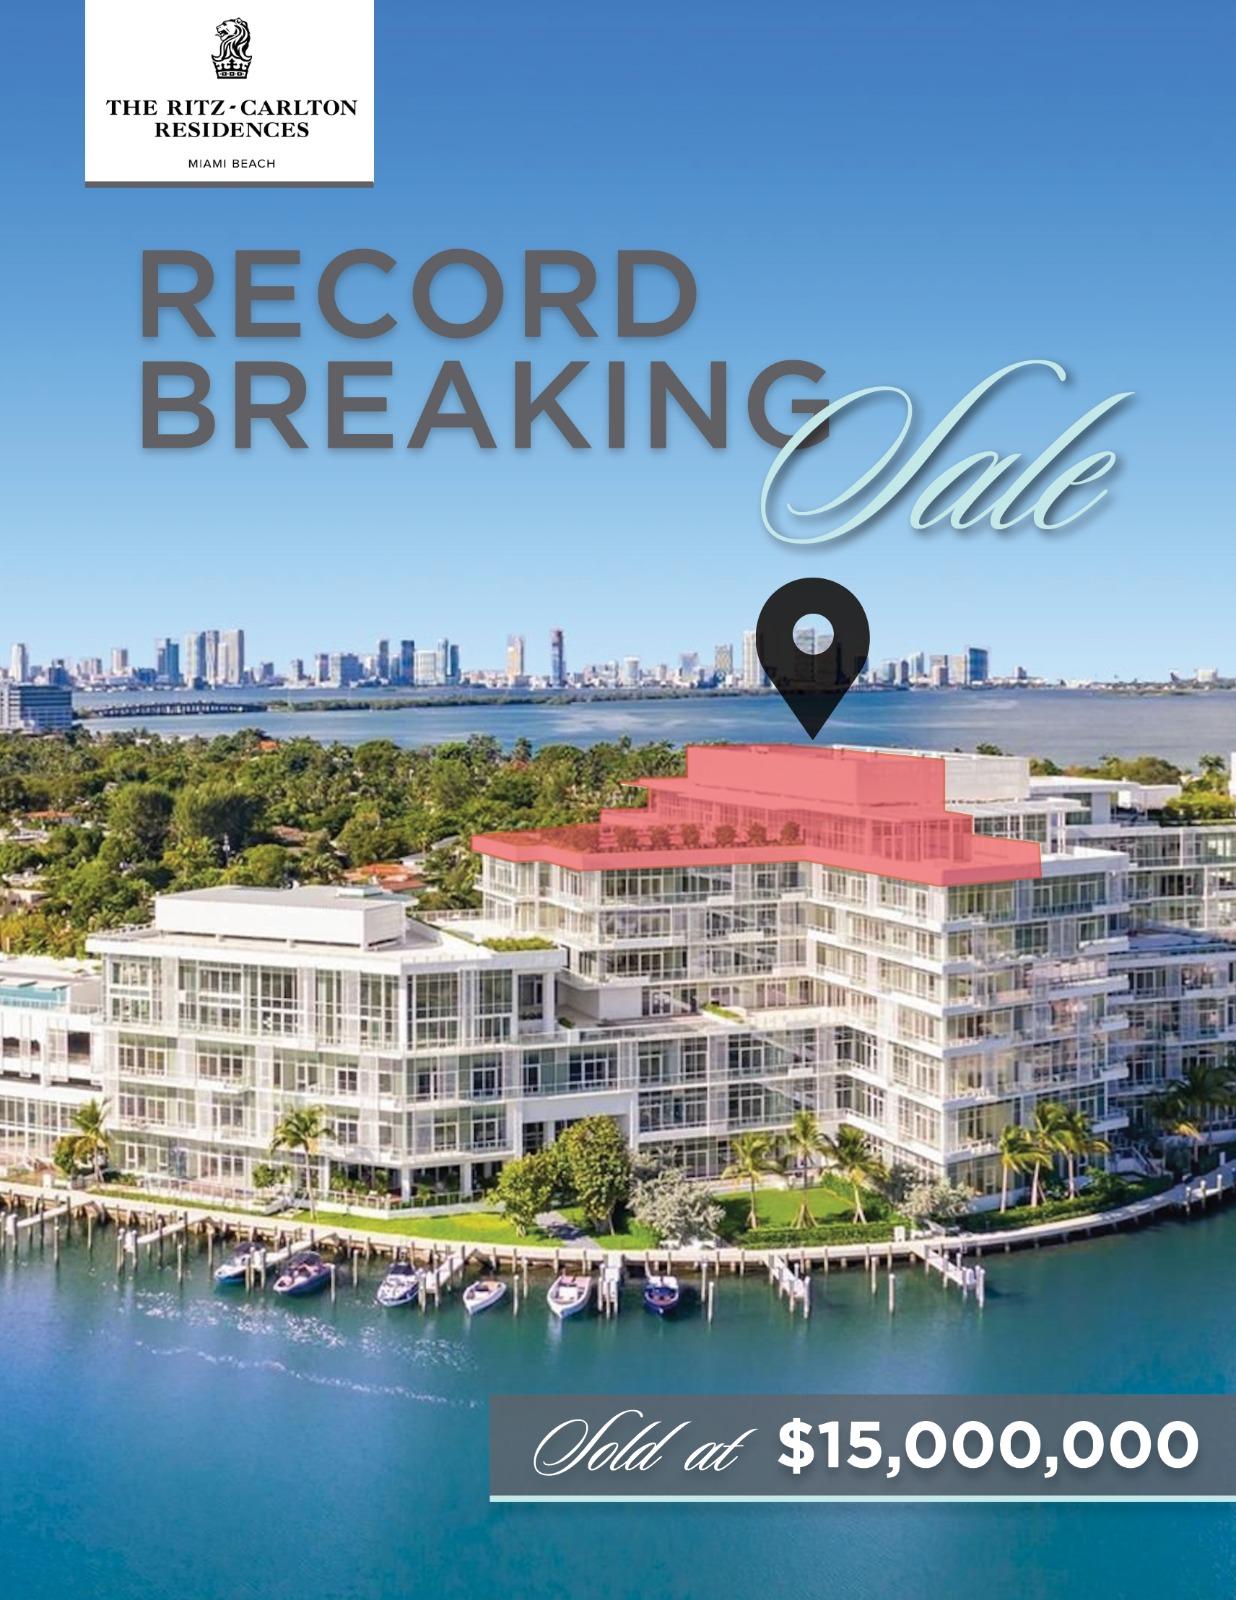 The Ritz-Carlton Residences Miami Beach record-breaking sale - Penthouse 12